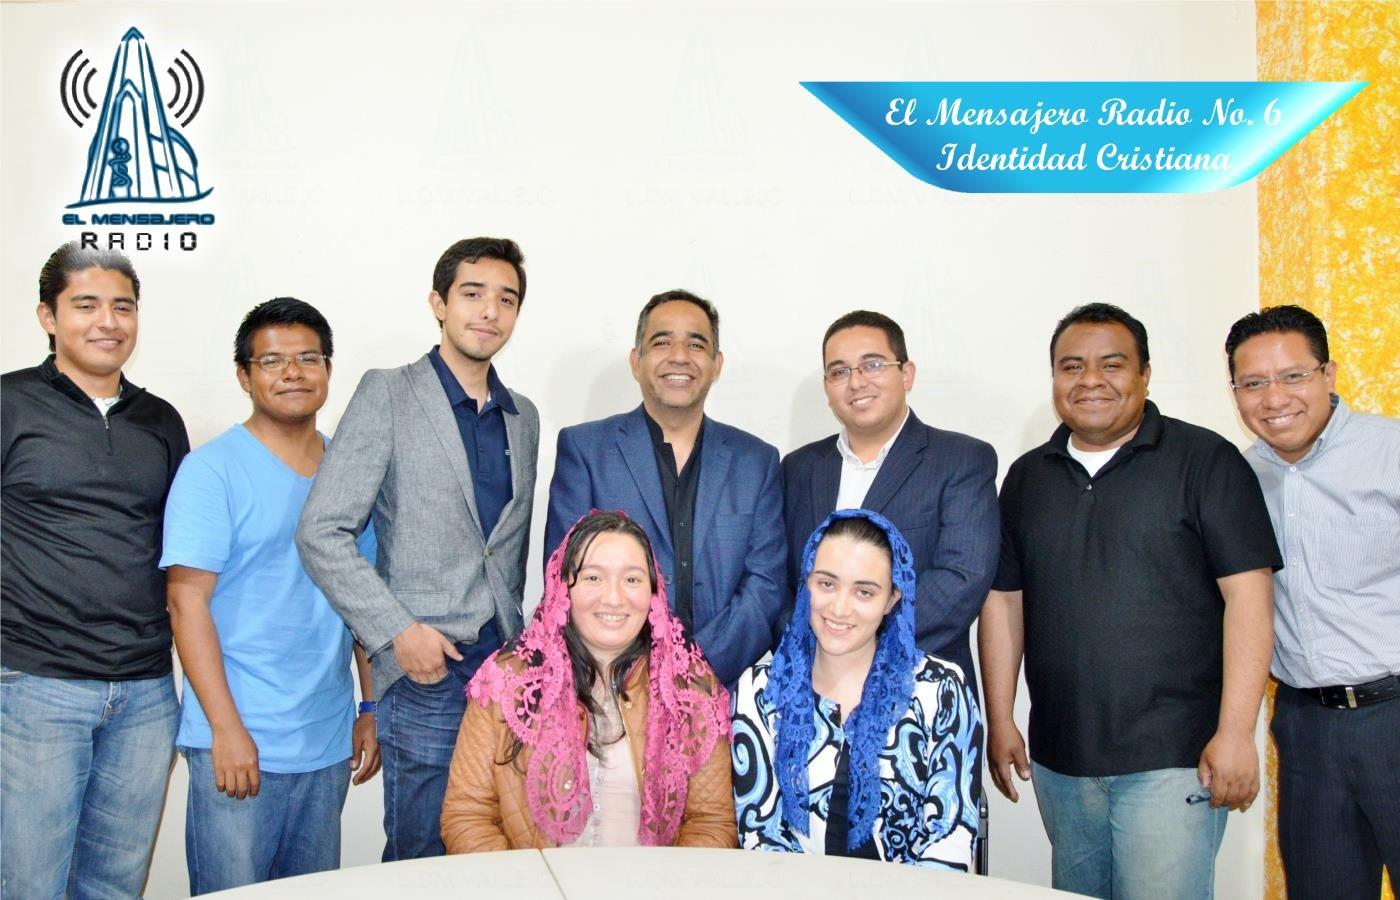 El Mensajero Radio 6